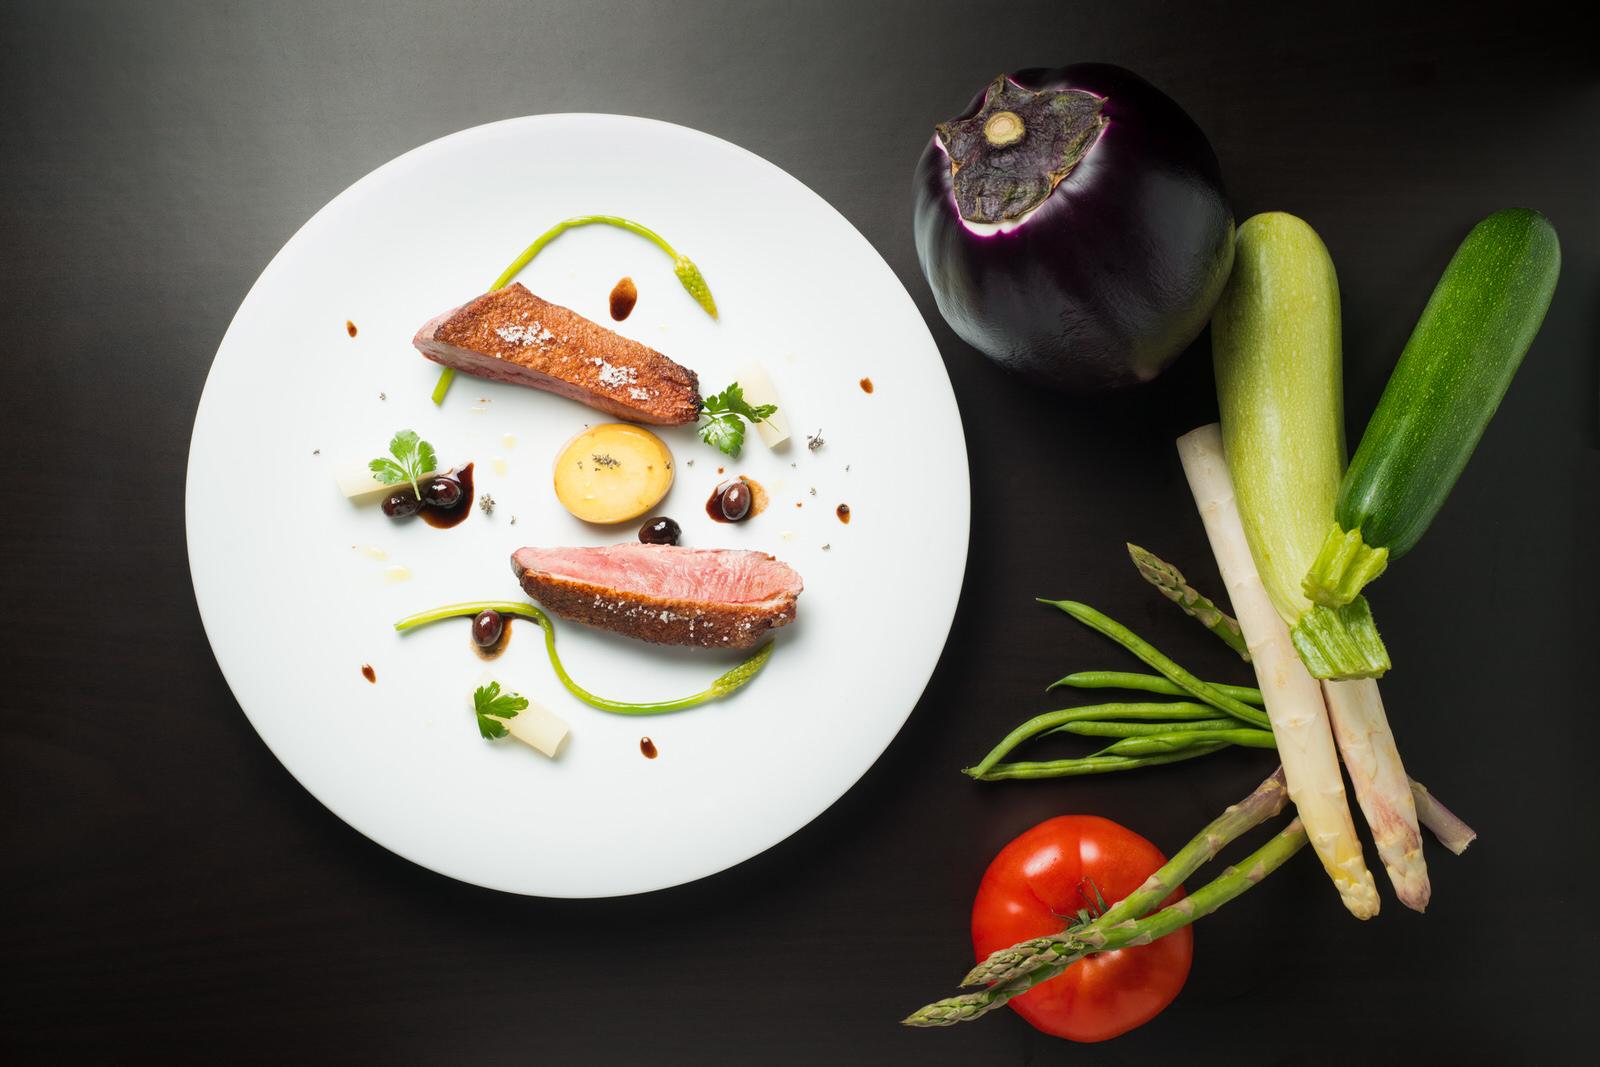 Plat_Photo Culinaire_Photographe professionnel_Thierry Pousset